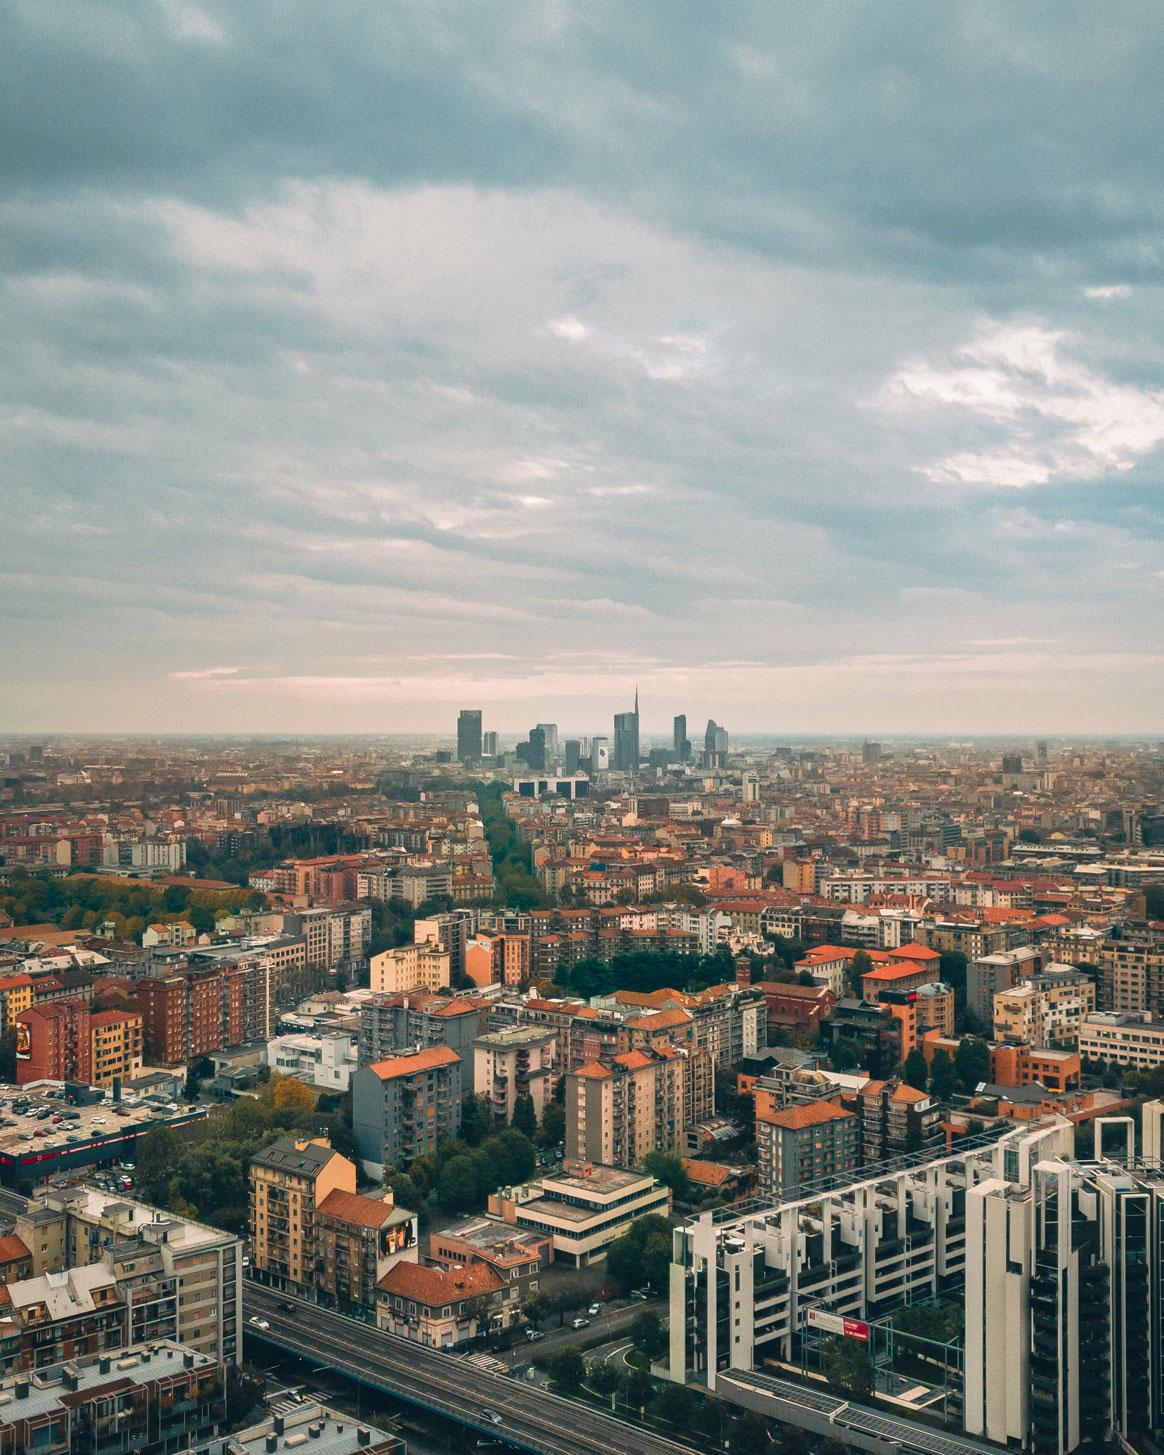 Affitta Immobile Milano